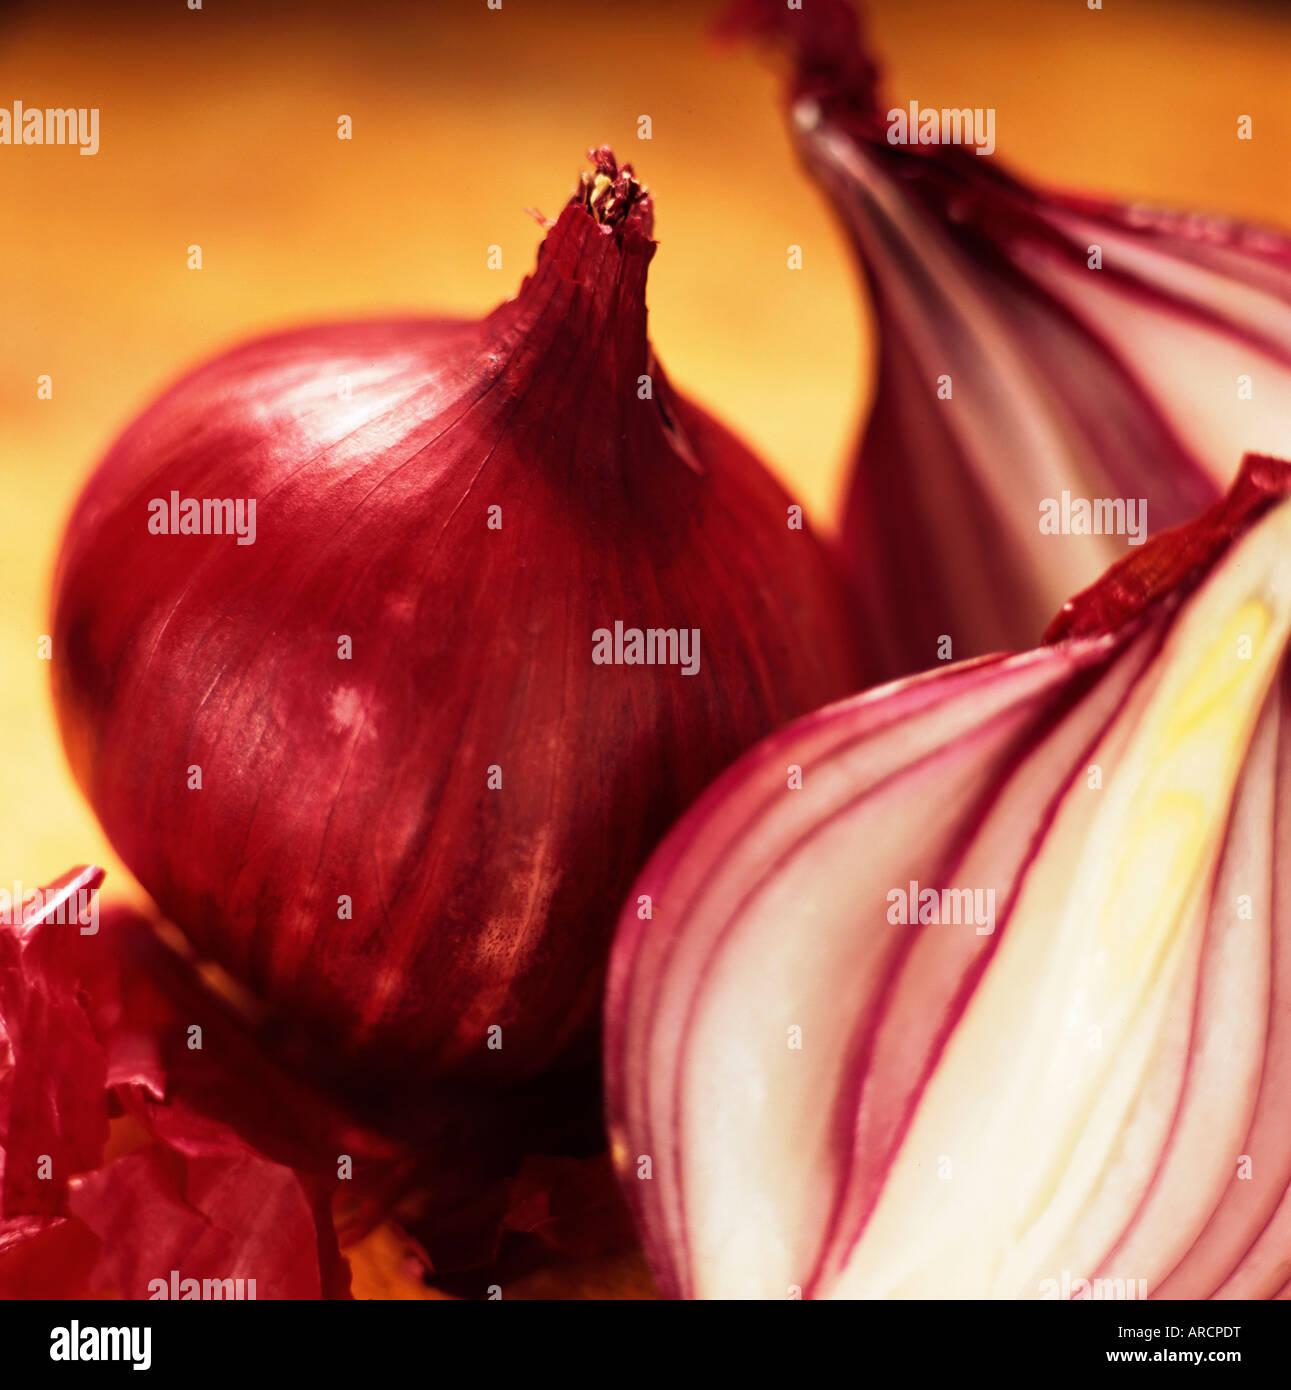 Studioaufnahme von roten Zwiebeln Stockbild